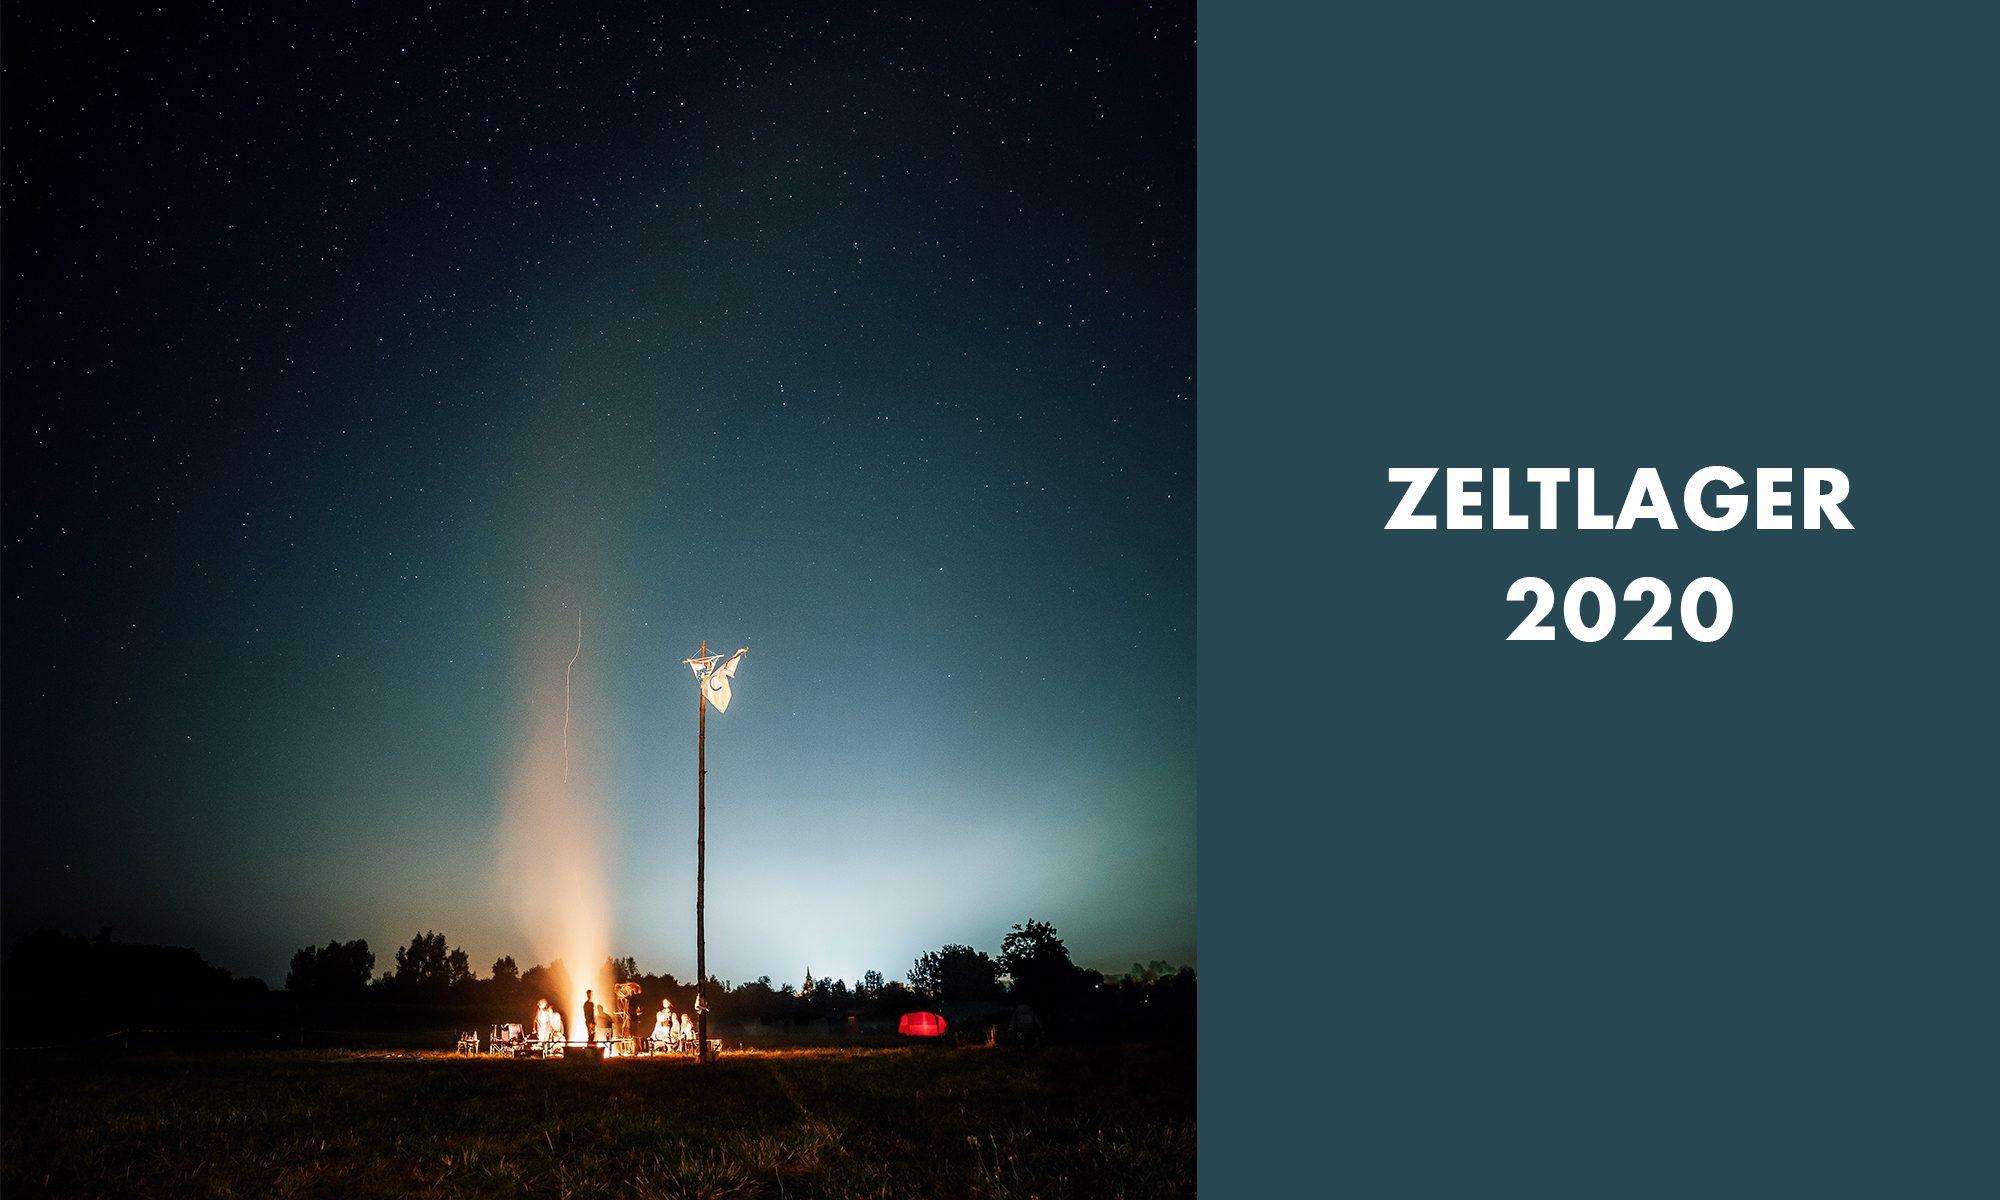 Zeltlager 2020